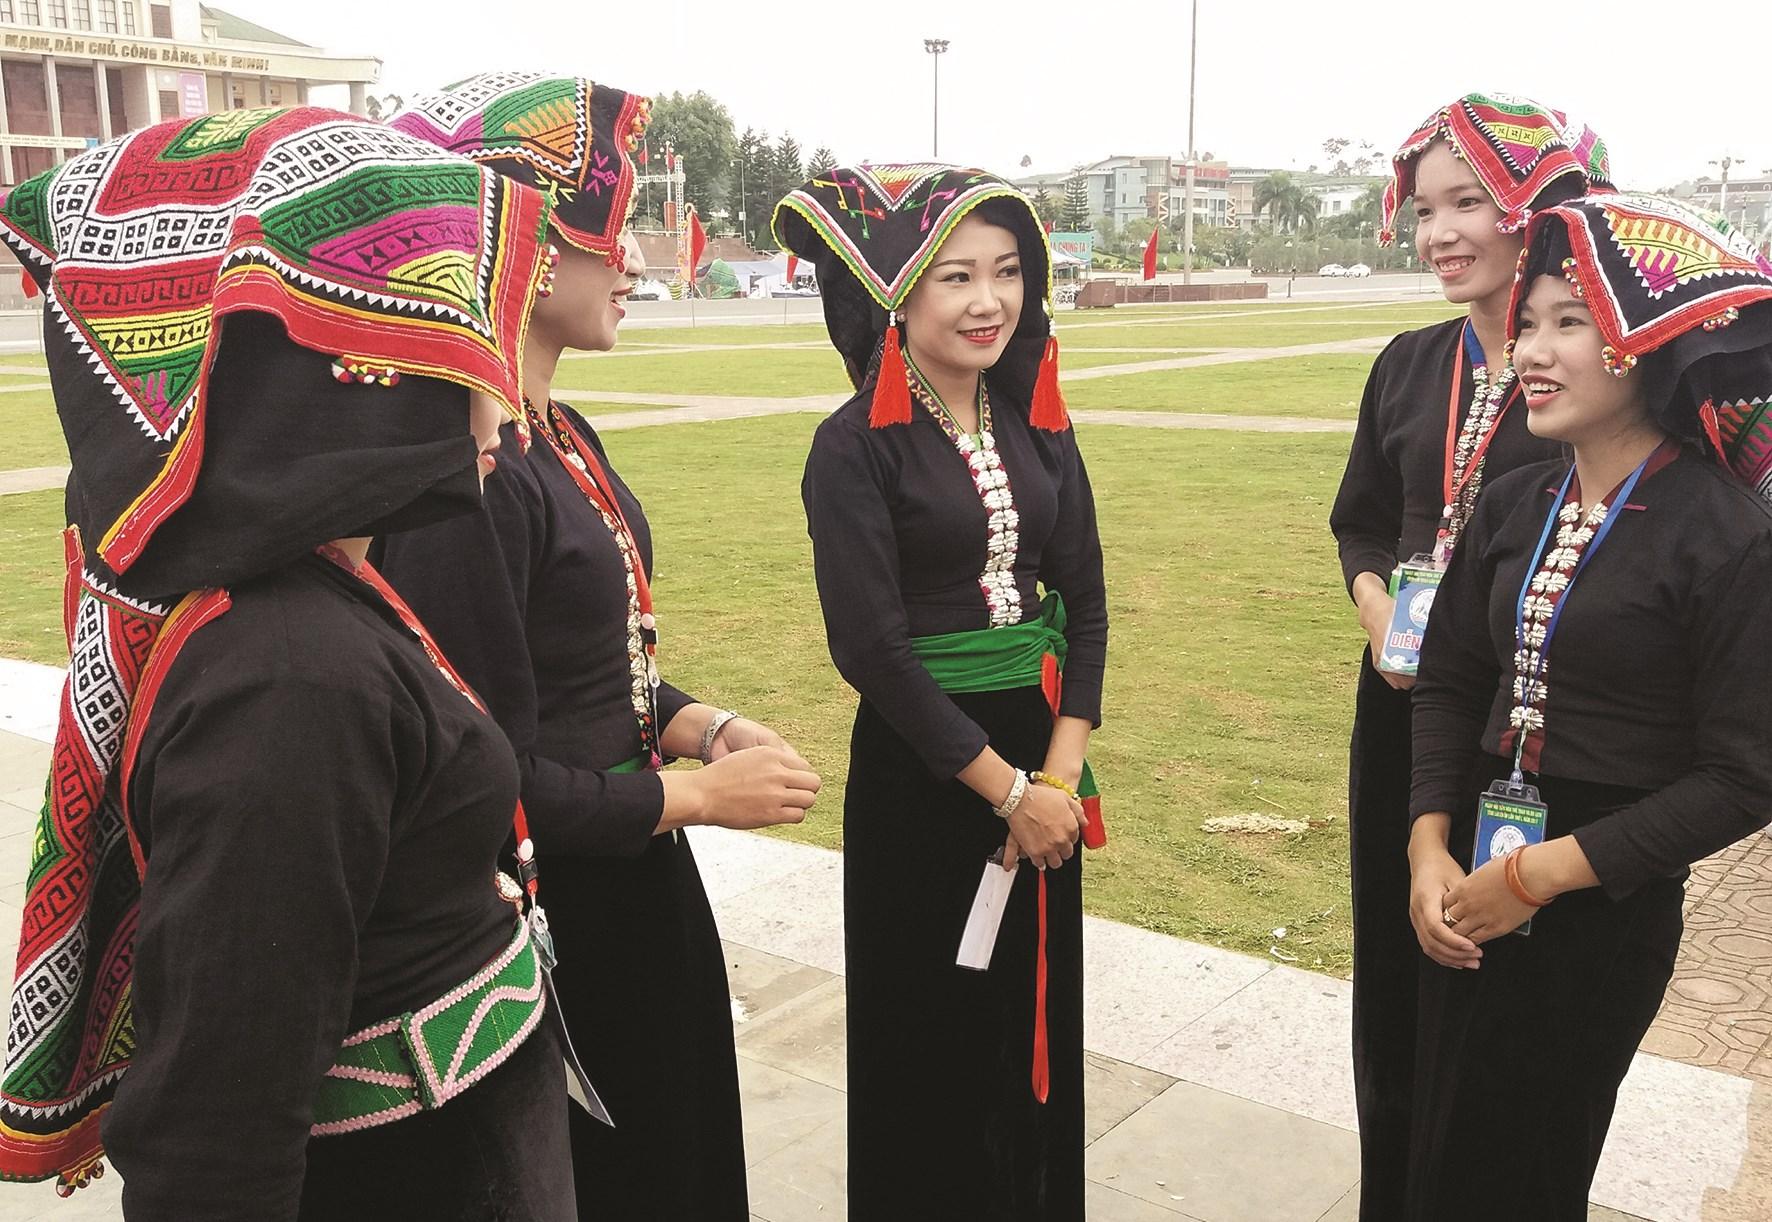 Phụ nữ dân tộc Cống với trang phụ truyền thống.